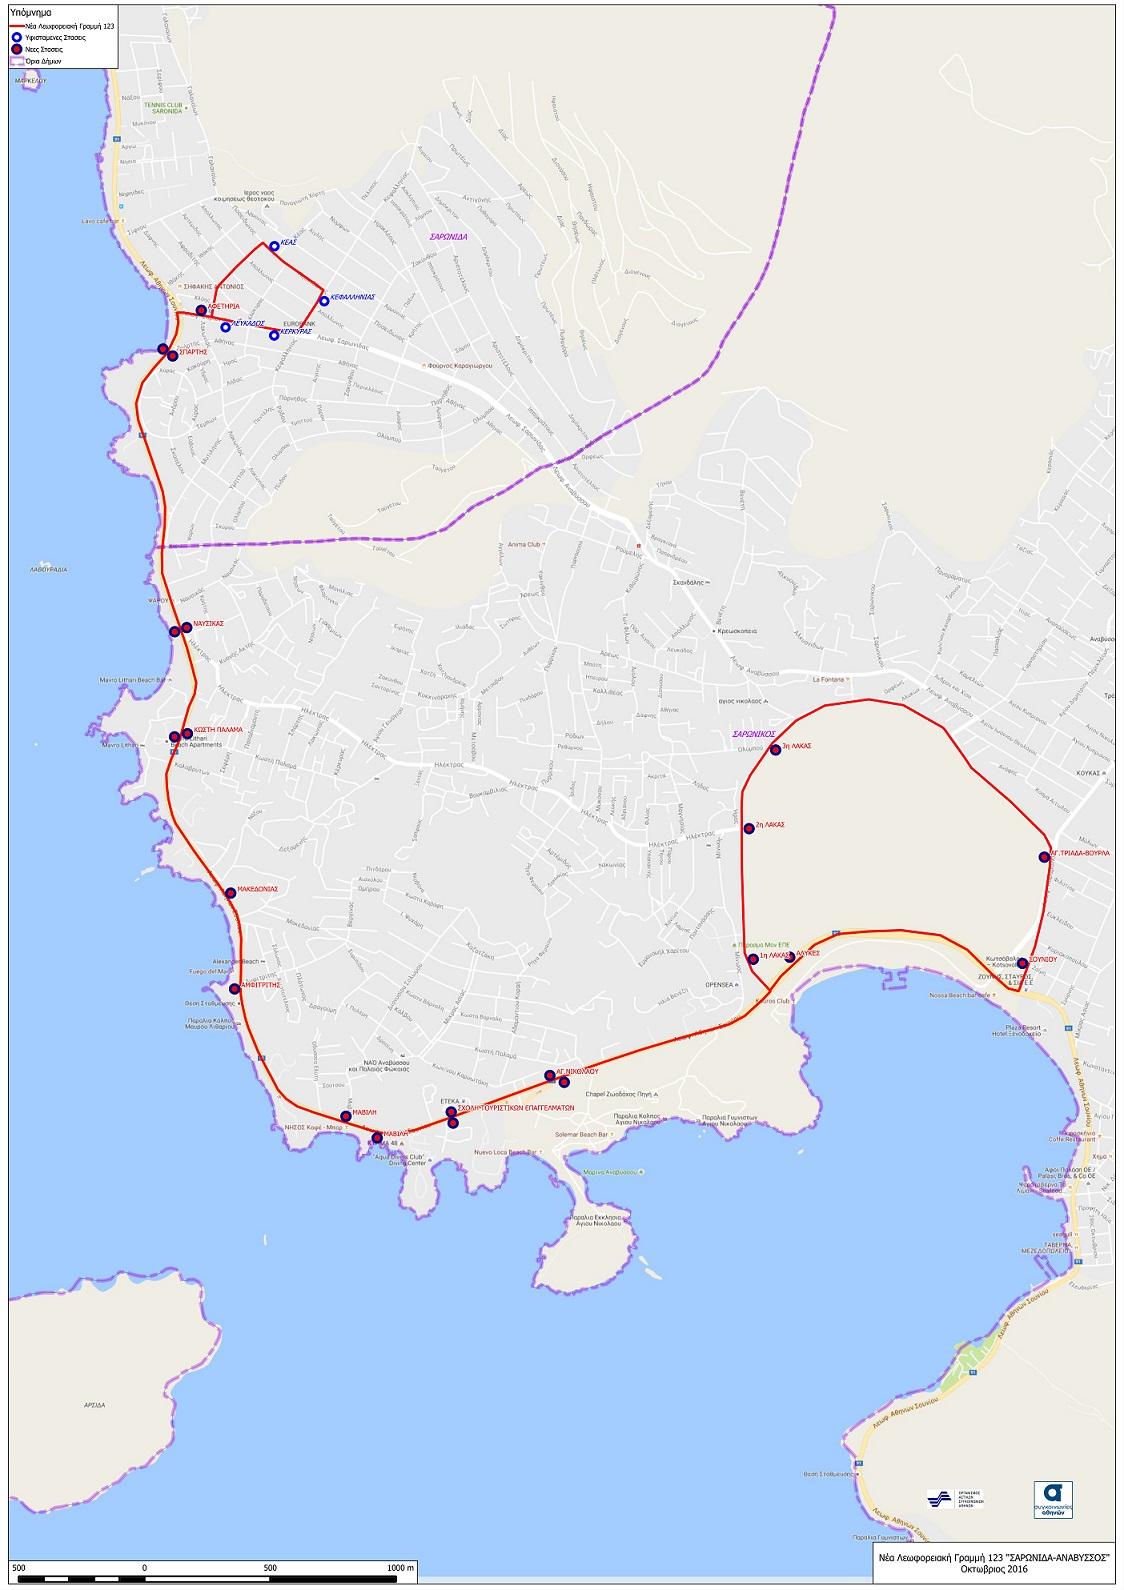 Χάρτης λεωφορειακής γραμμής 123